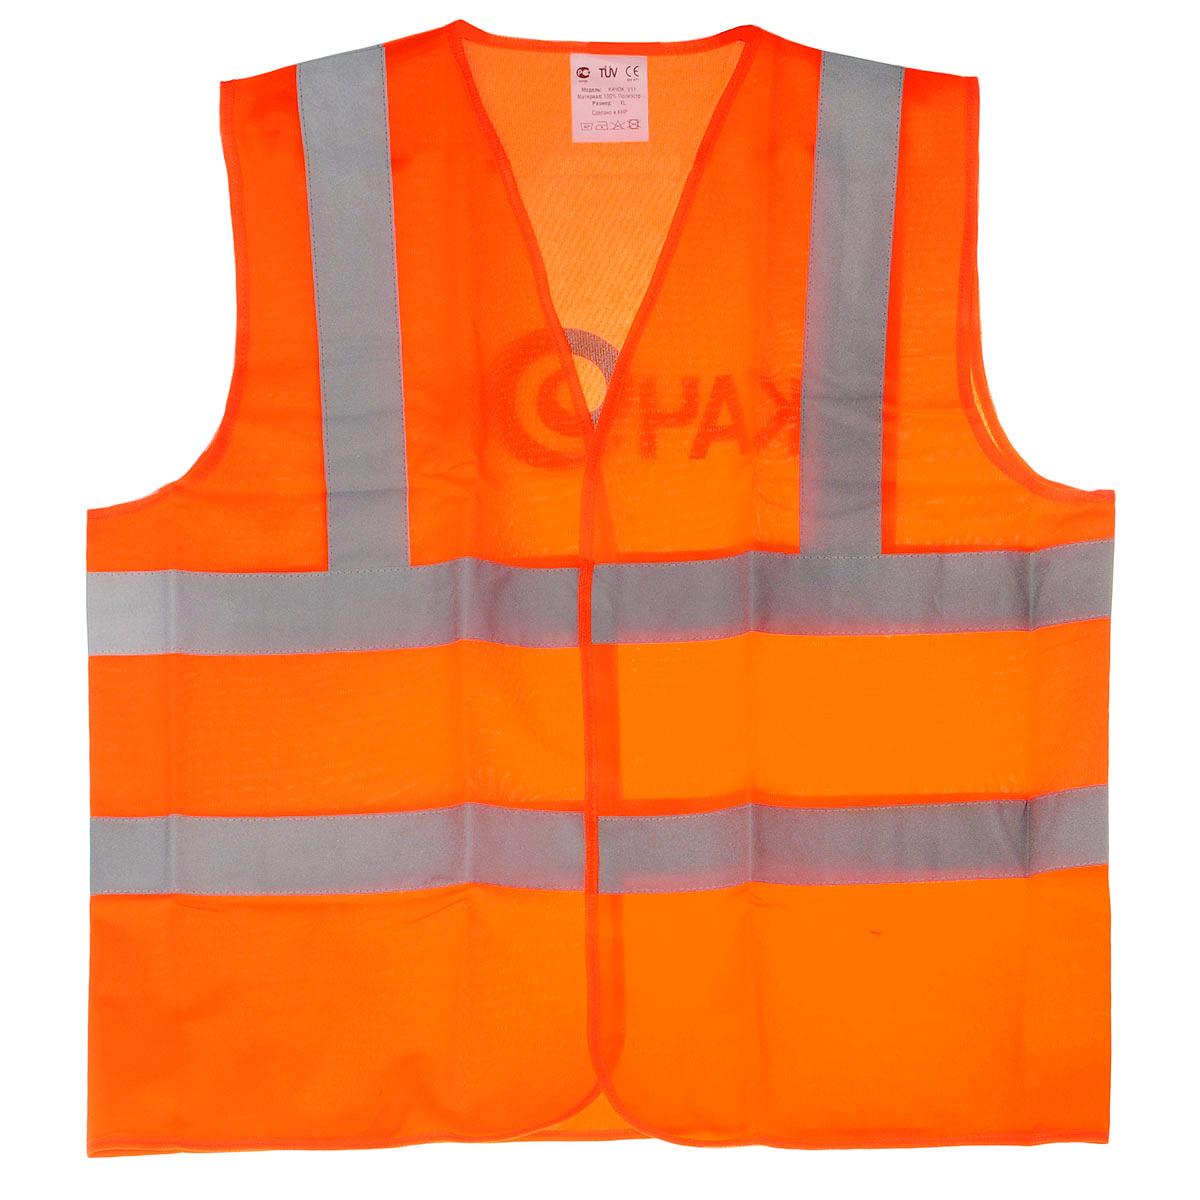 Жилет аварийный сигнальный Качок V11, цвет: оранжевый. Размер XL V11-OR